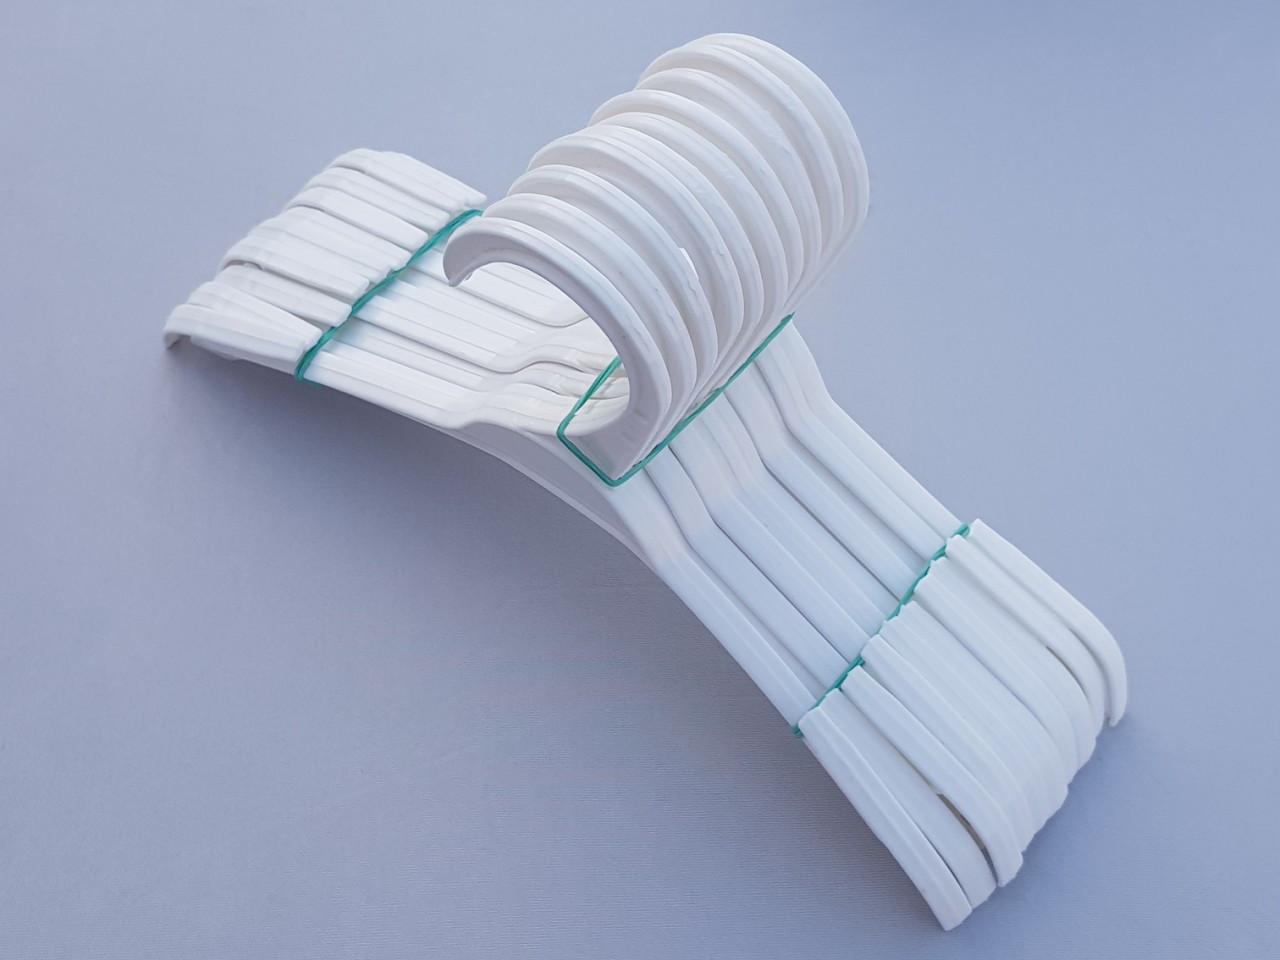 Плечики детские пластмассовые V-V26 белого цвета, длина 26 см, 10 штук в упаковке